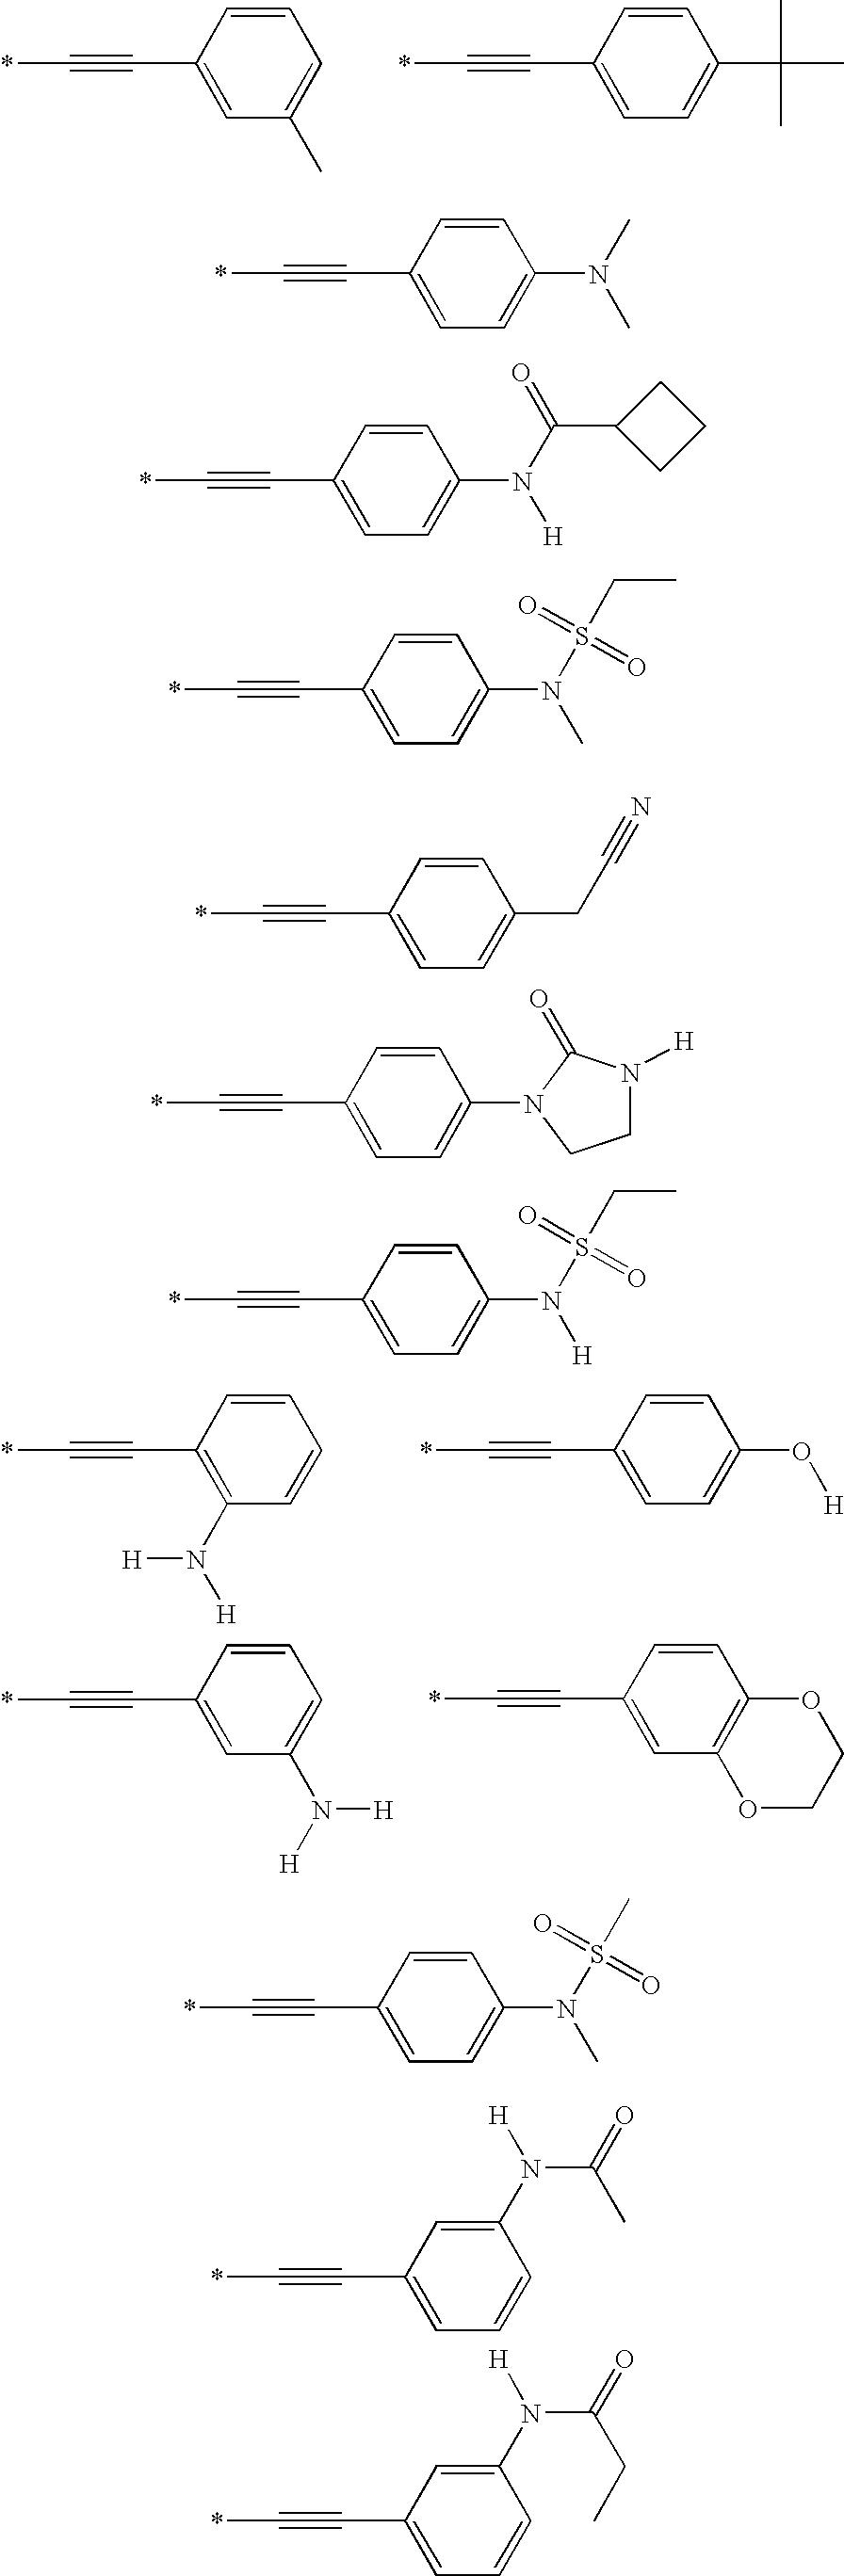 Figure US07781478-20100824-C00146